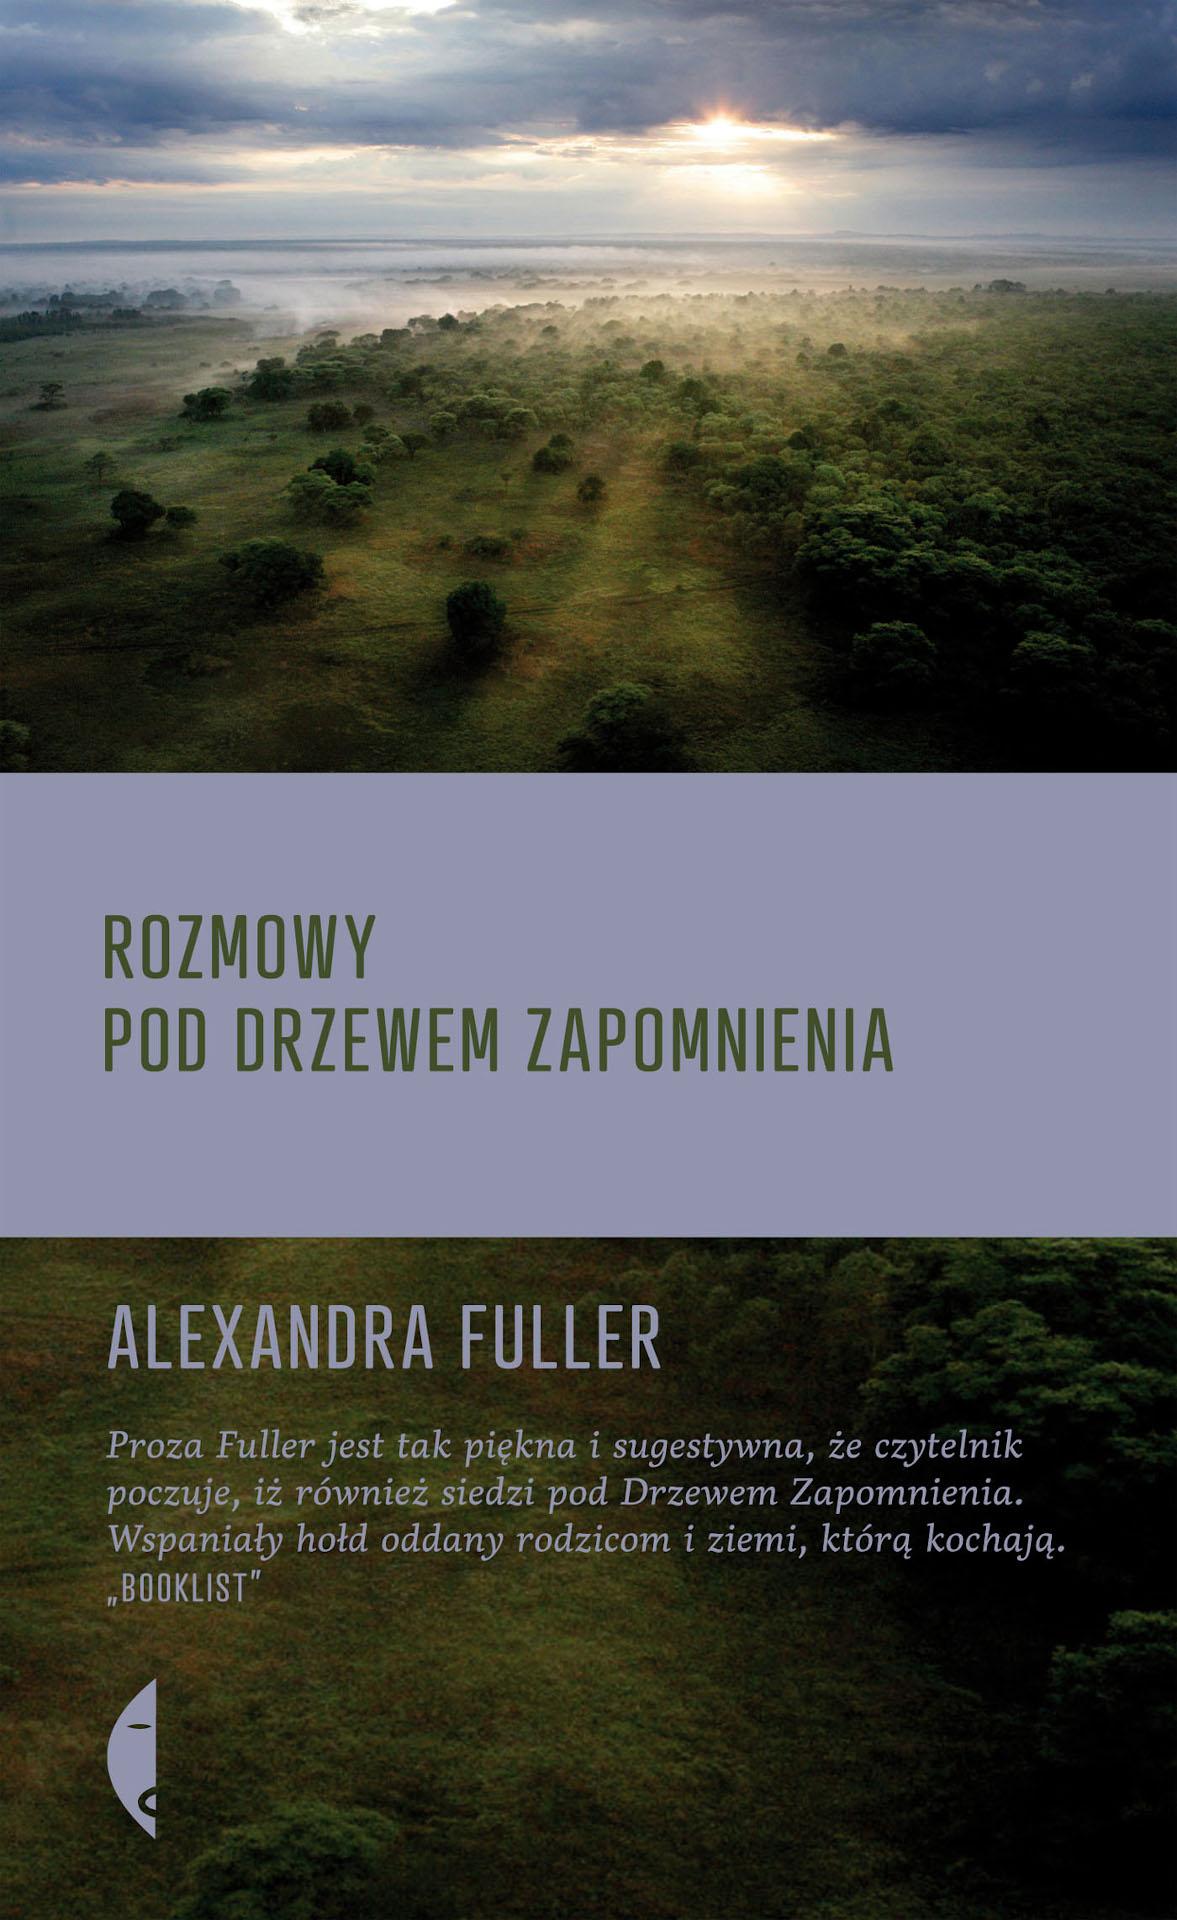 Alexandra Fuller, Rozmowy pod drzewem zapomnienia